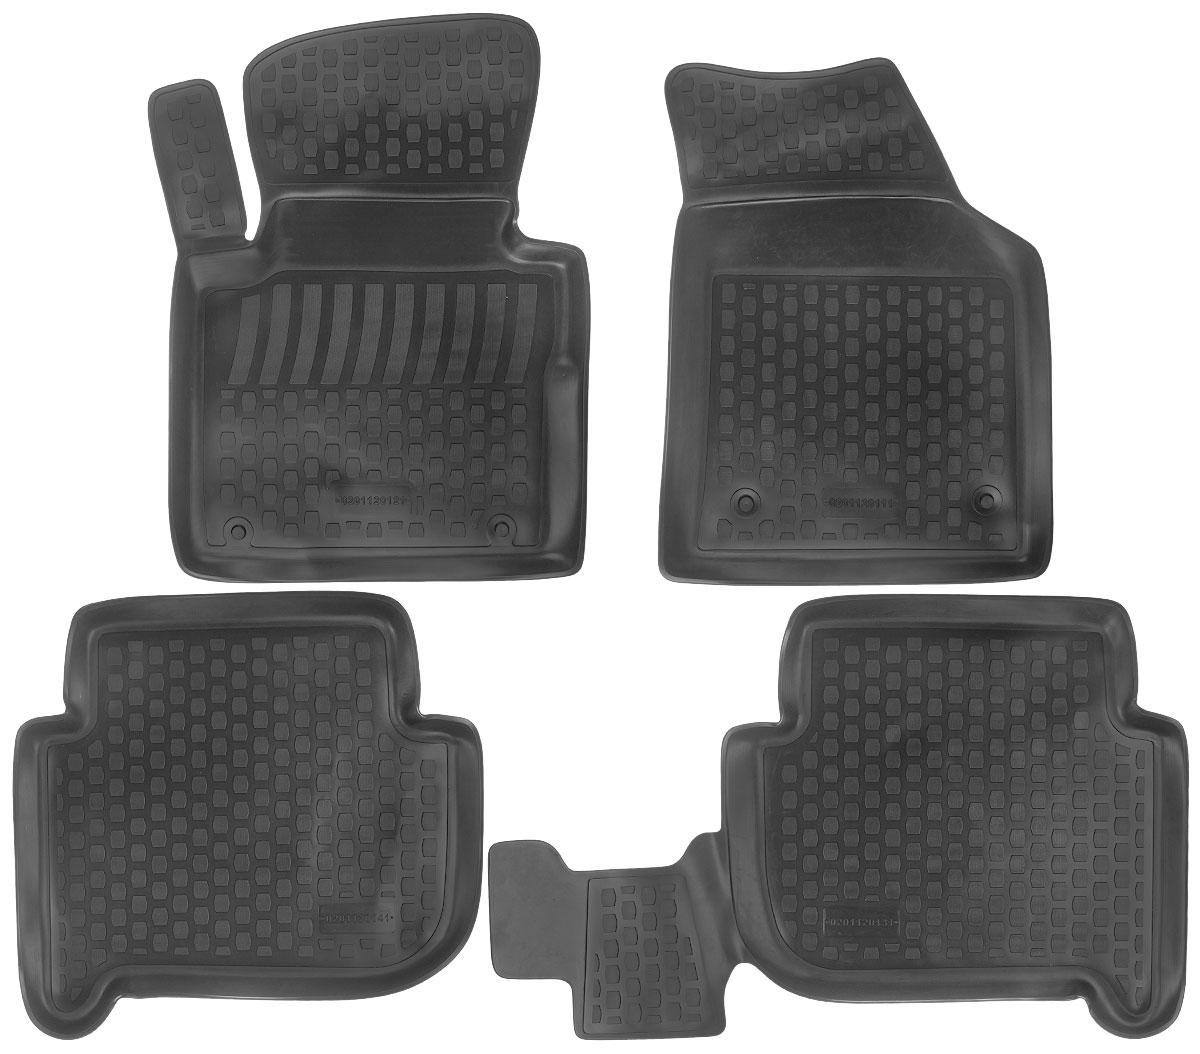 Набор автомобильных ковриков L.Locker Volkswagen Touran 2003, в салон, 4 шт0201120101Набор L.Locker Volkswagen Touran 2003, изготовленный из полиуретана, состоит из 4 антискользящих 3D ковриков, которые производятся индивидуально для каждой модели автомобиля. Изделие точно повторяет геометрию пола автомобиля, имеет высокий борт, обладает повышенной износоустойчивостью, лишено резкого запаха и сохраняет свои потребительские свойства в широком диапазоне температур от -50°С до +50°С. Комплектация: 4 шт. Размер ковриков: 73 см х 54 см; 60 см х 56 см; 91 см х 56 см; 68 см х 49 см.